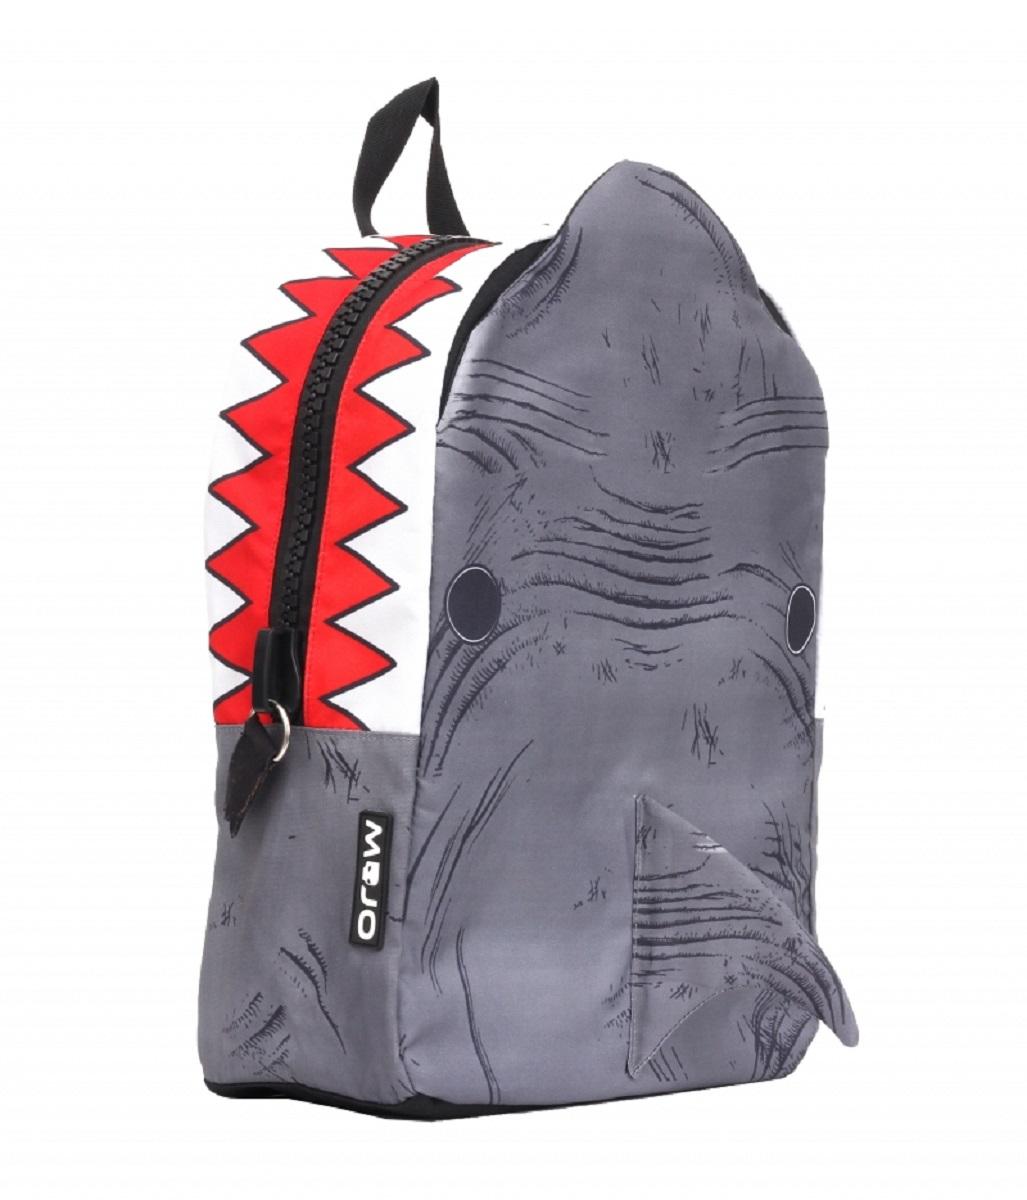 Рюкзак молодежный Mojo Shark 3D, цвет: серый, 20 лKAA9984083Рюкзак молодежный Mojo Shark 3D.Молодежный рюкзак имеет яркий и неповторимый дизайн, что непосредственно будет радовать его хозяина и выделять его из серой массы.Объем: 20 л.